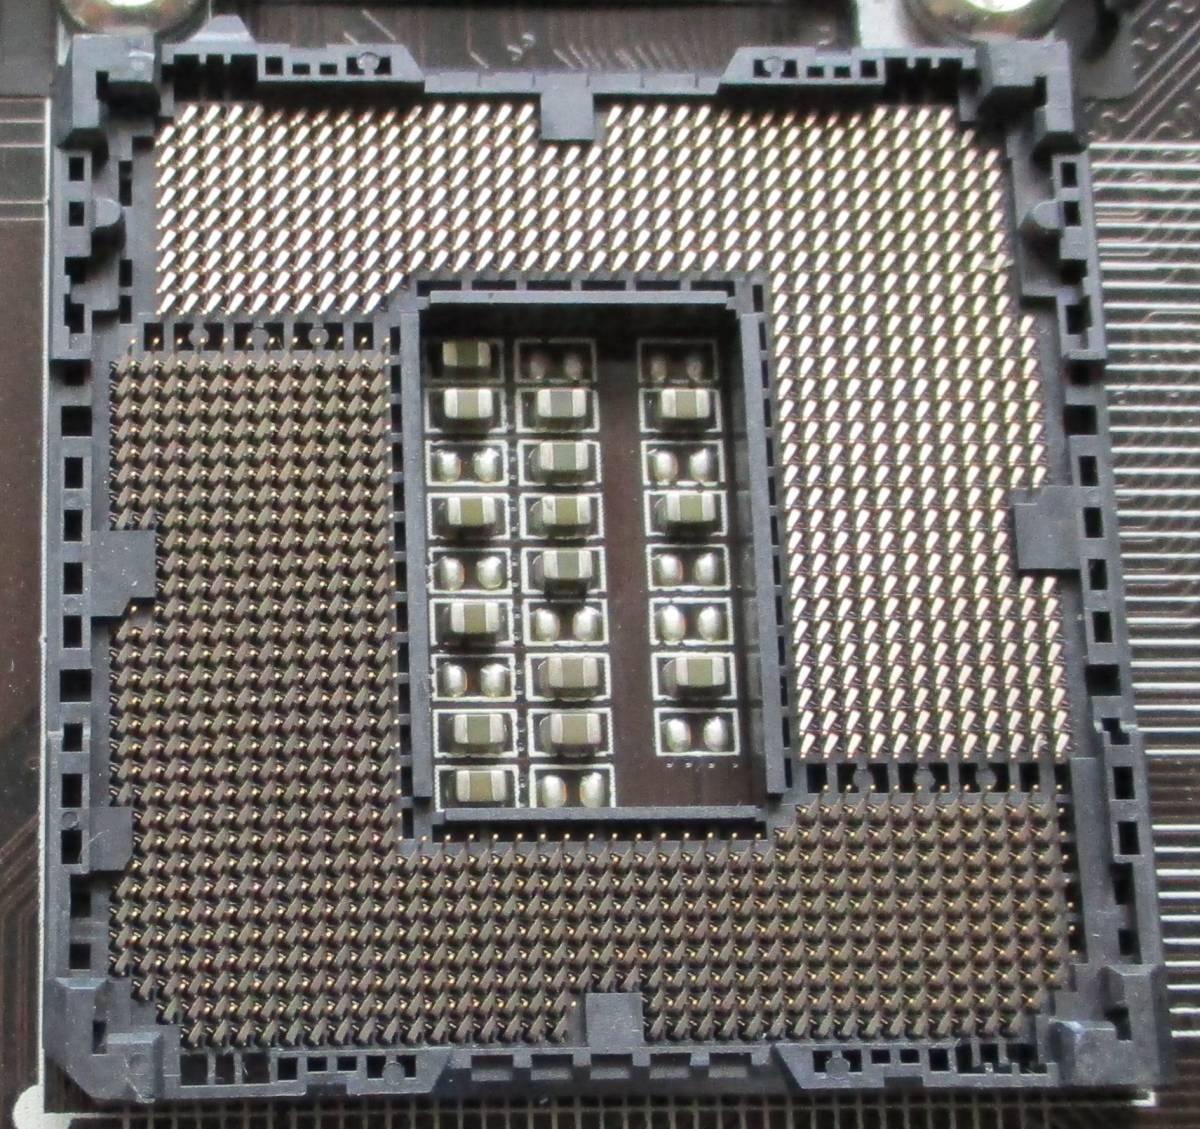 MSI Mini-ITXマザボード[H81I]+INTEL Celeron G1840 2.8GHz (LGA1150) 簡易動作確認済み中古品_画像2